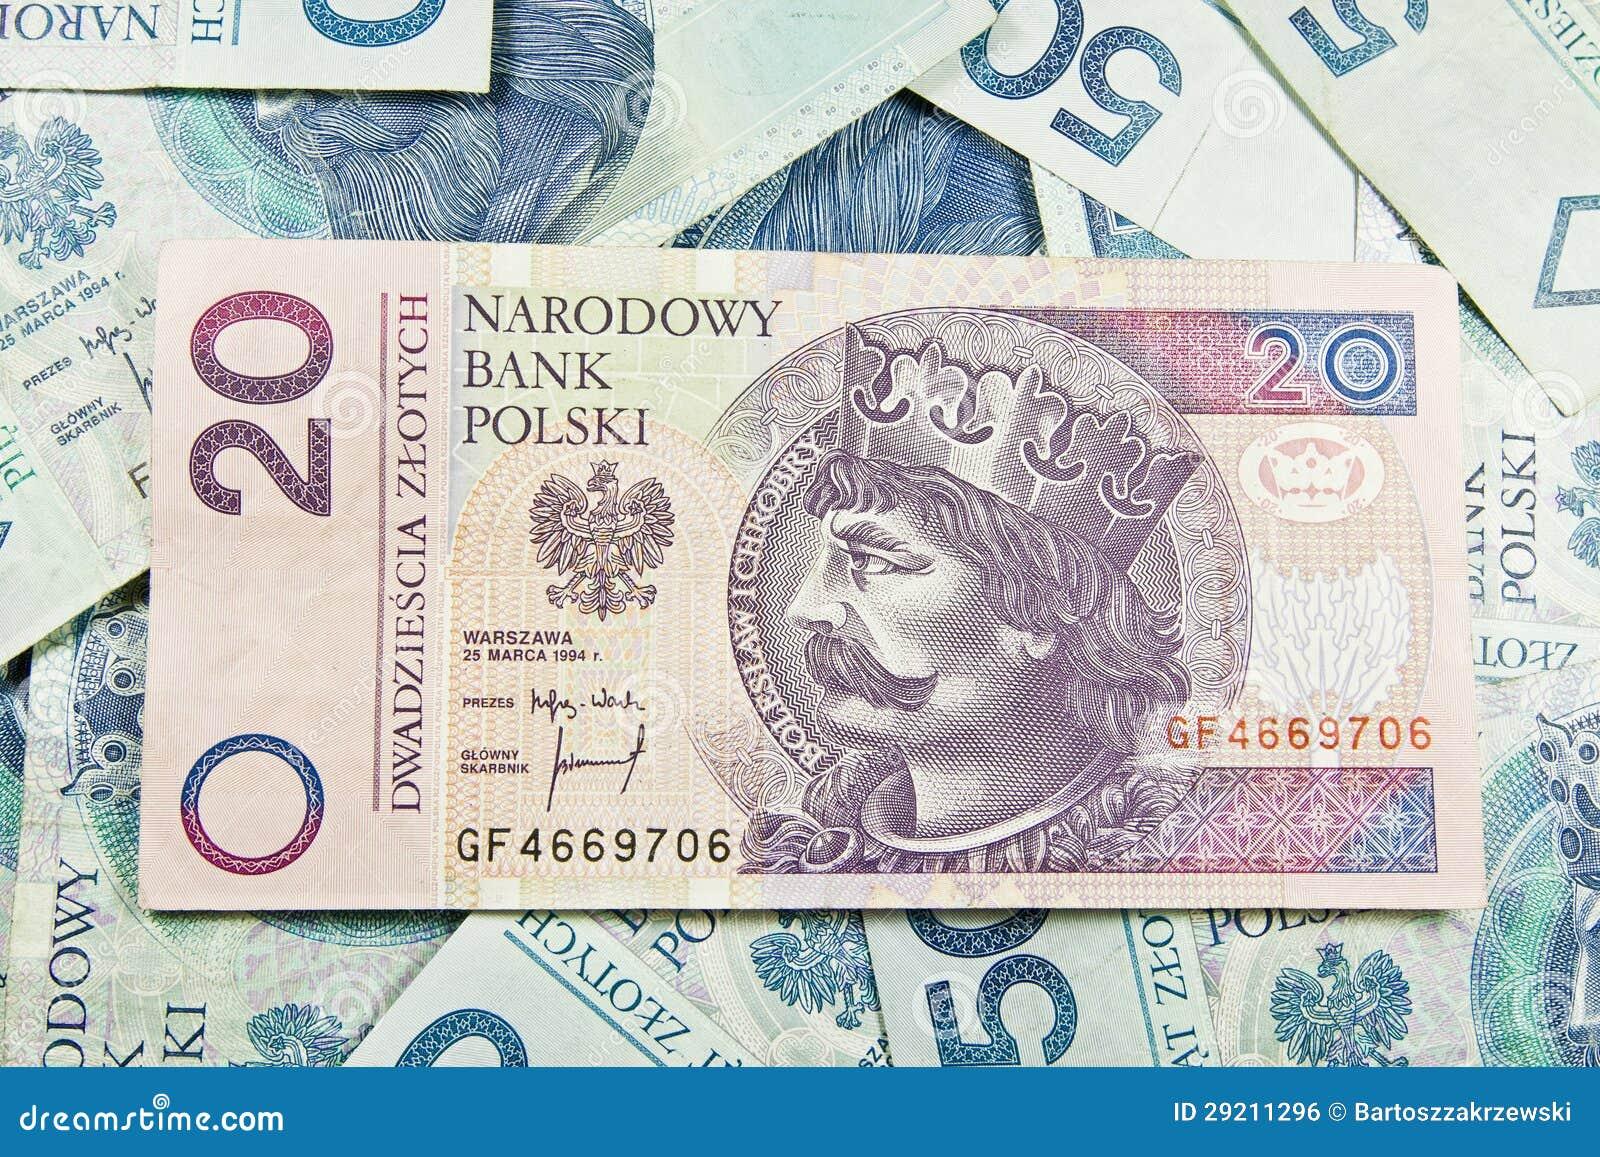 波兰币_波兰pln货币20